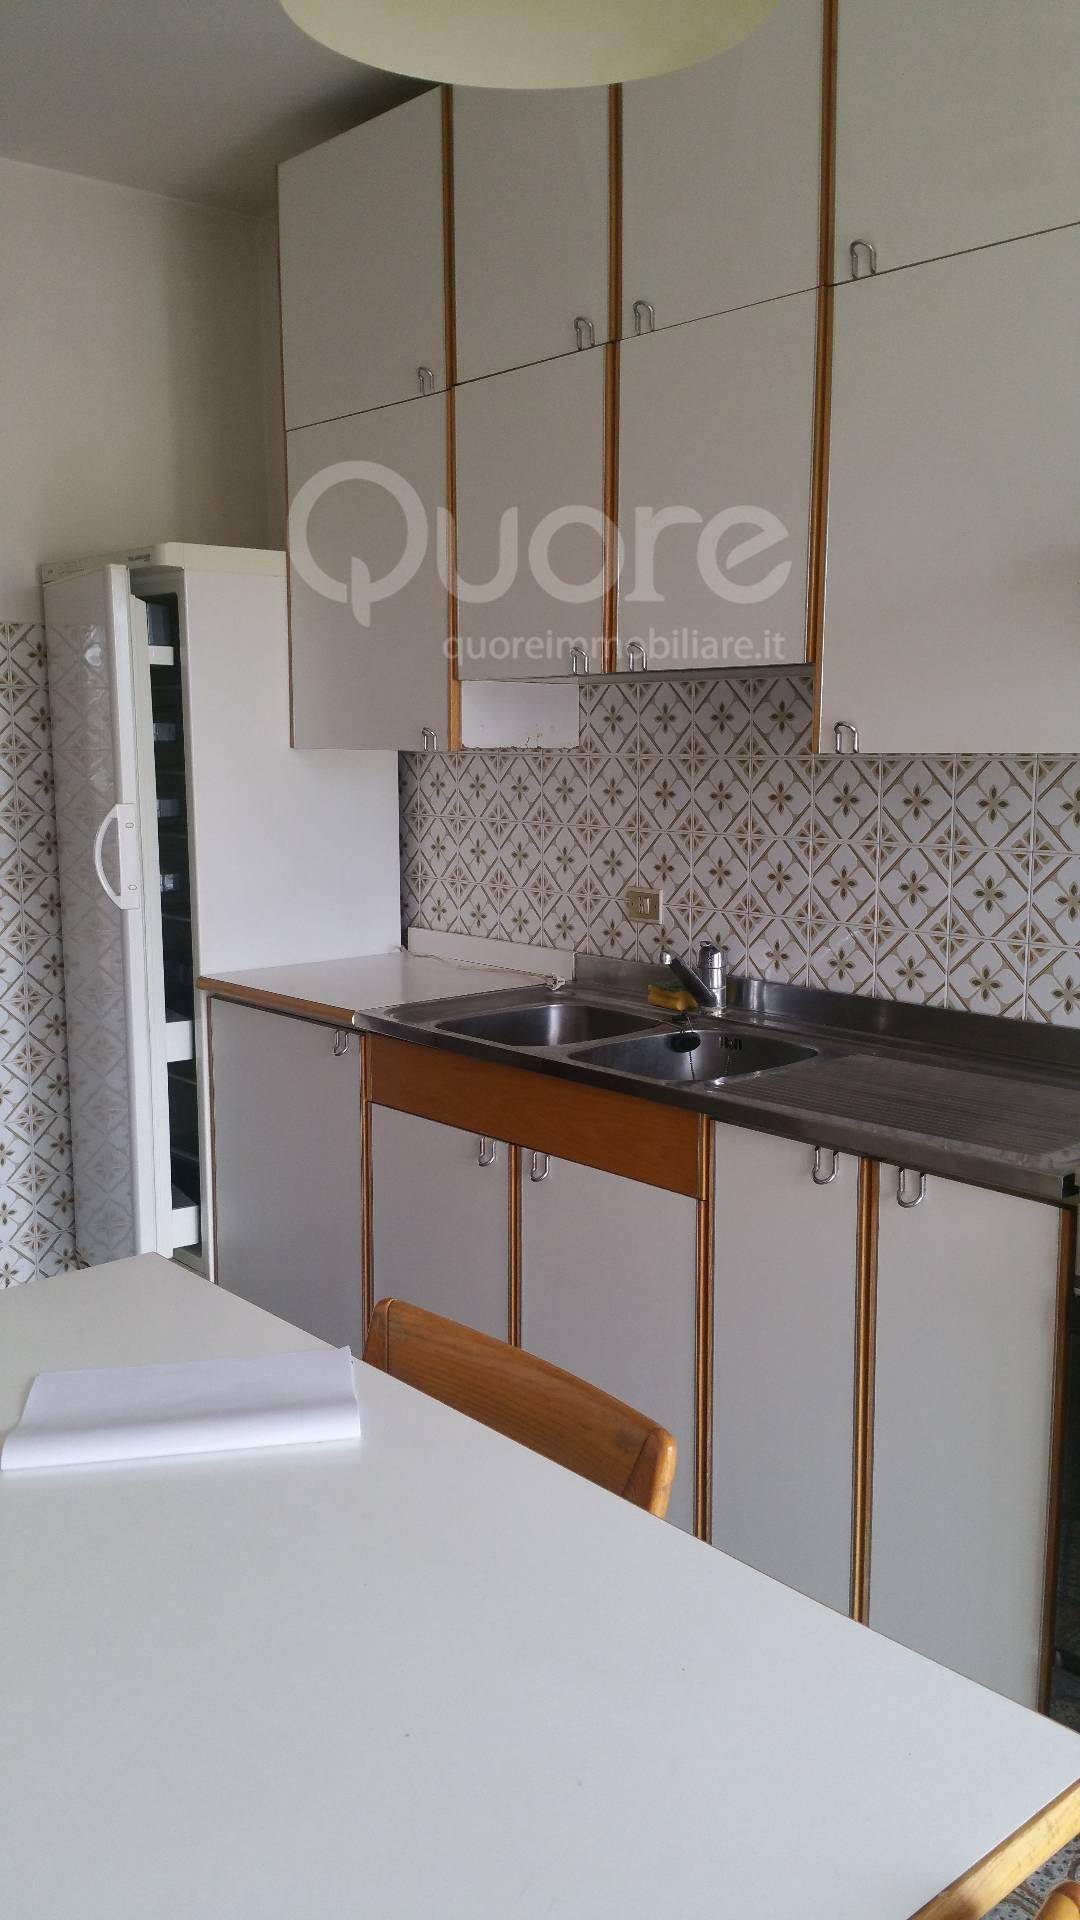 Appartamento in vendita a Buia, 5 locali, prezzo € 59.000 | CambioCasa.it